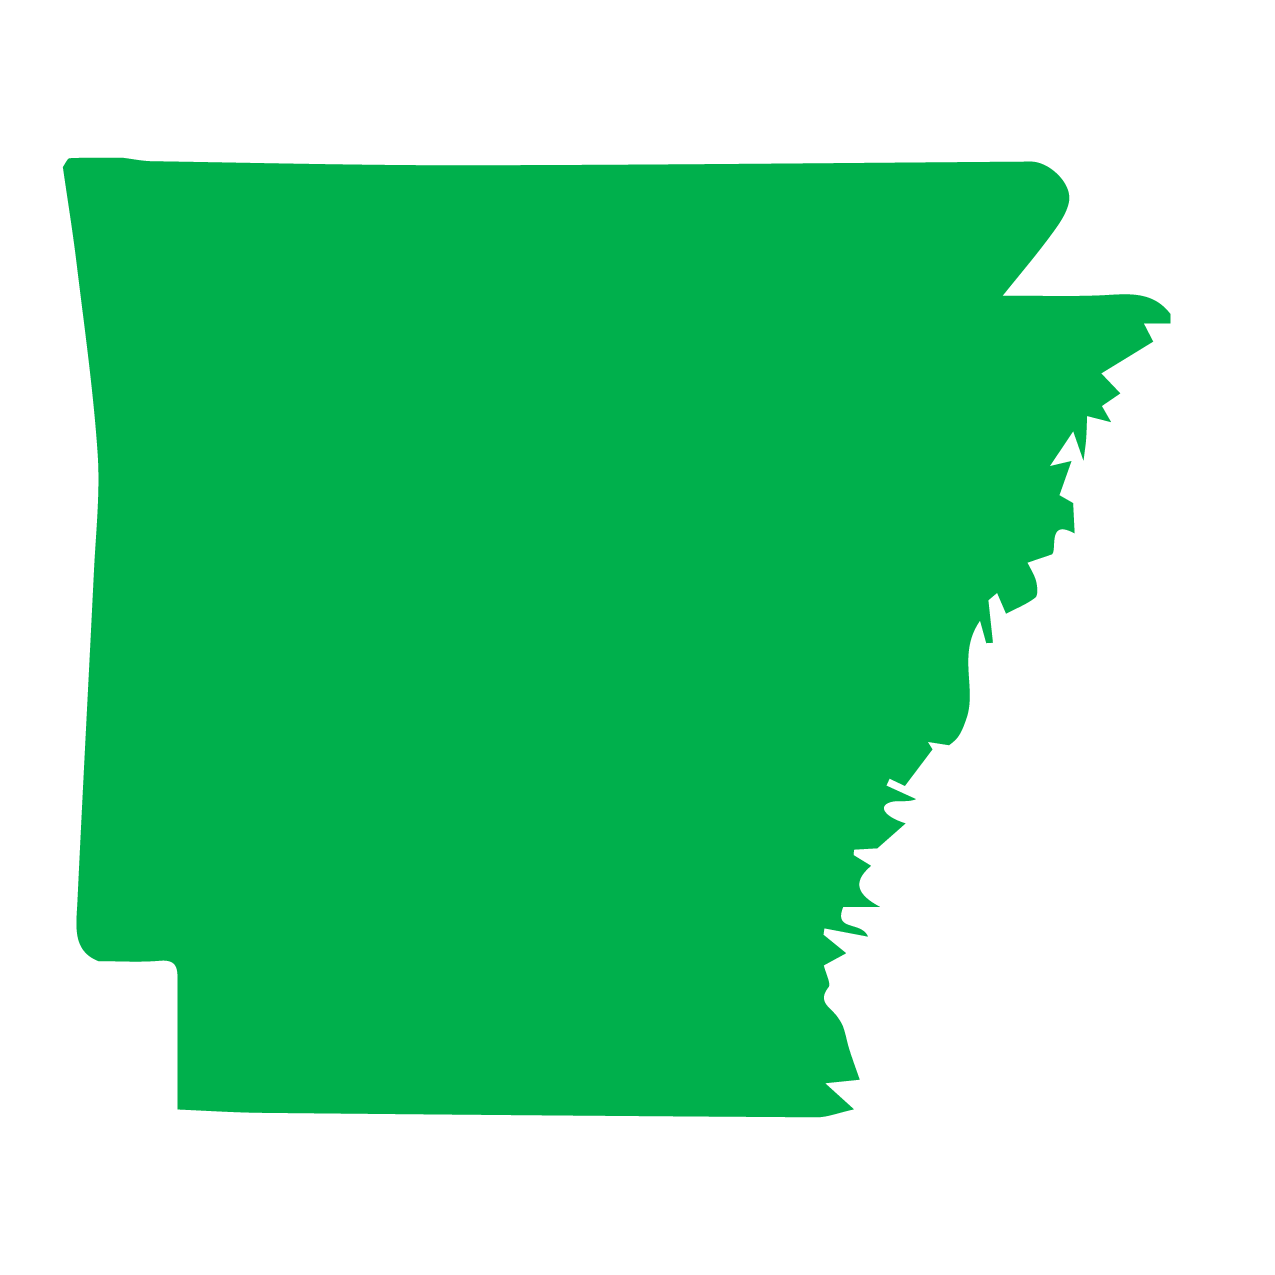 States_Arkansas.png